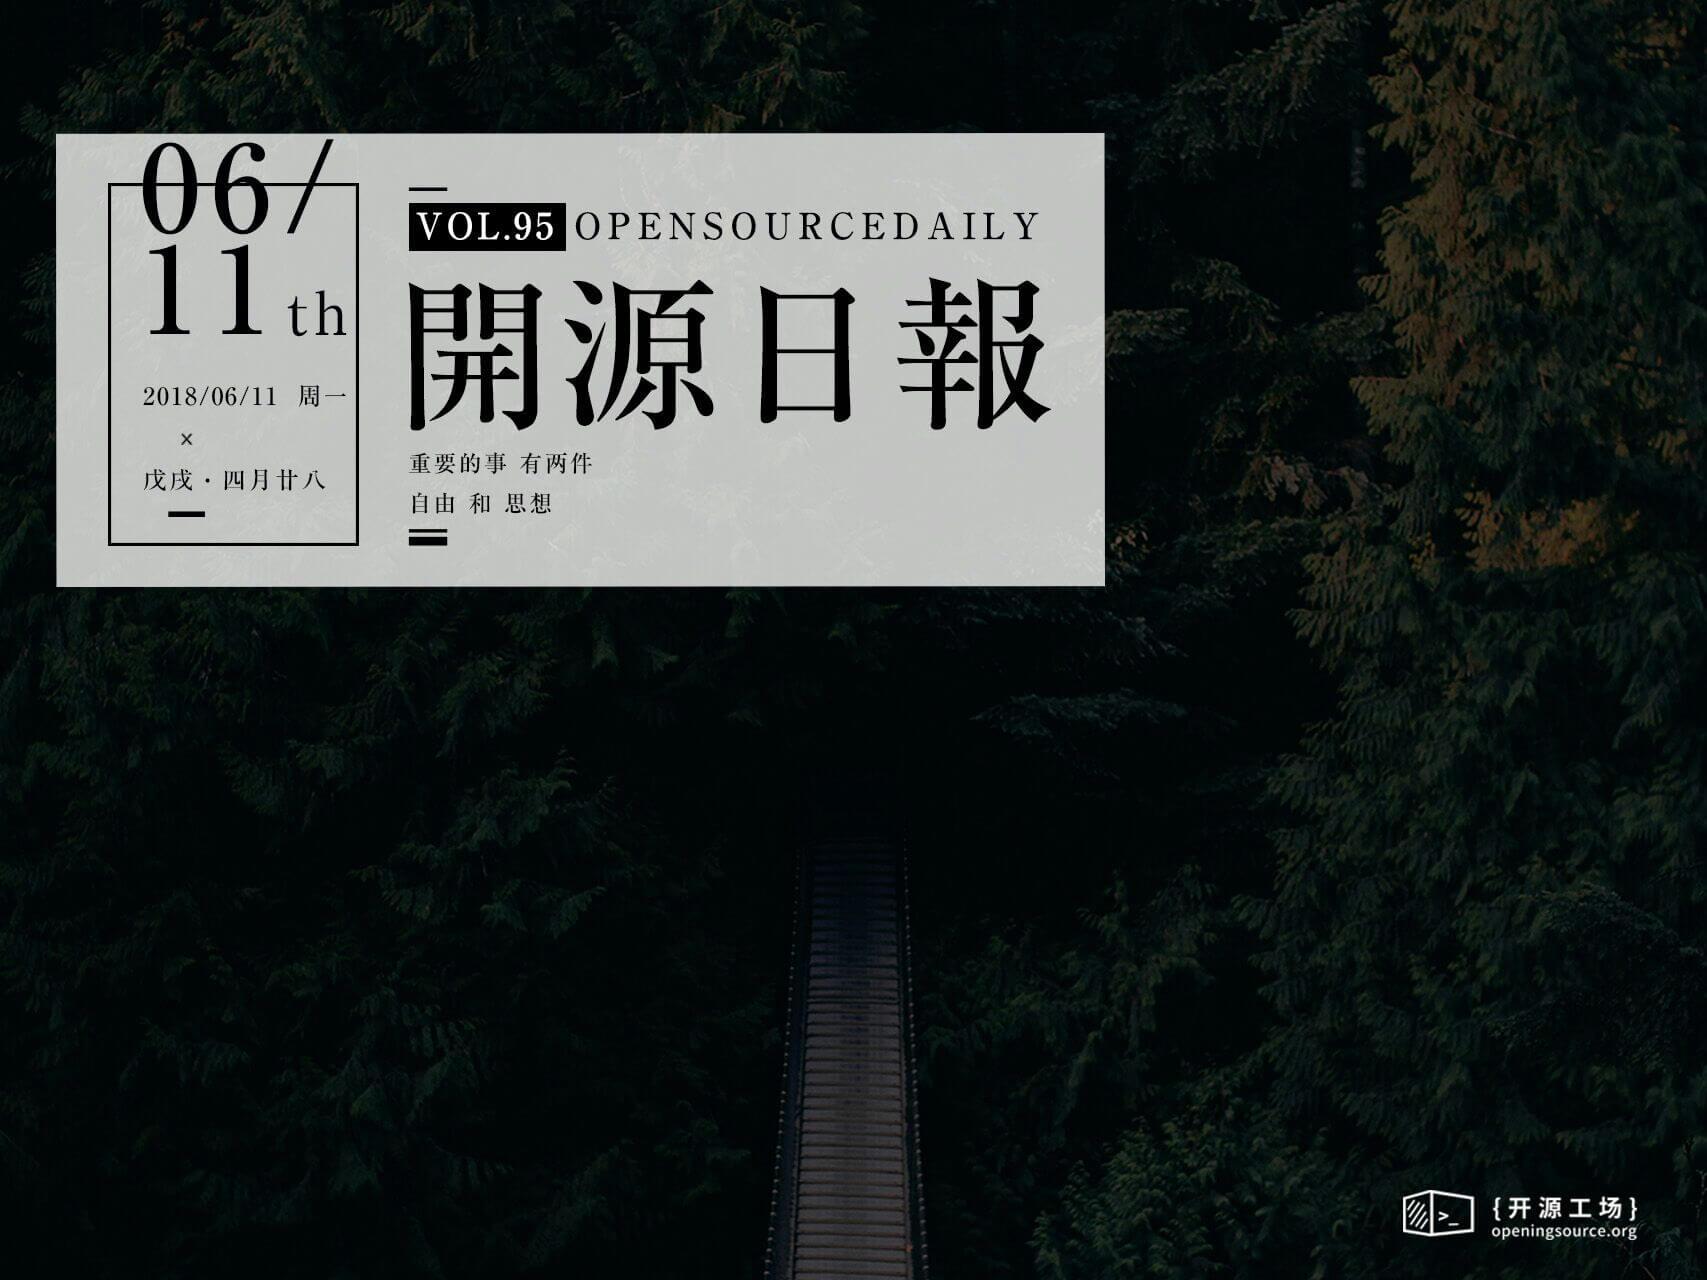 2018年6月11日:开源日报第95期